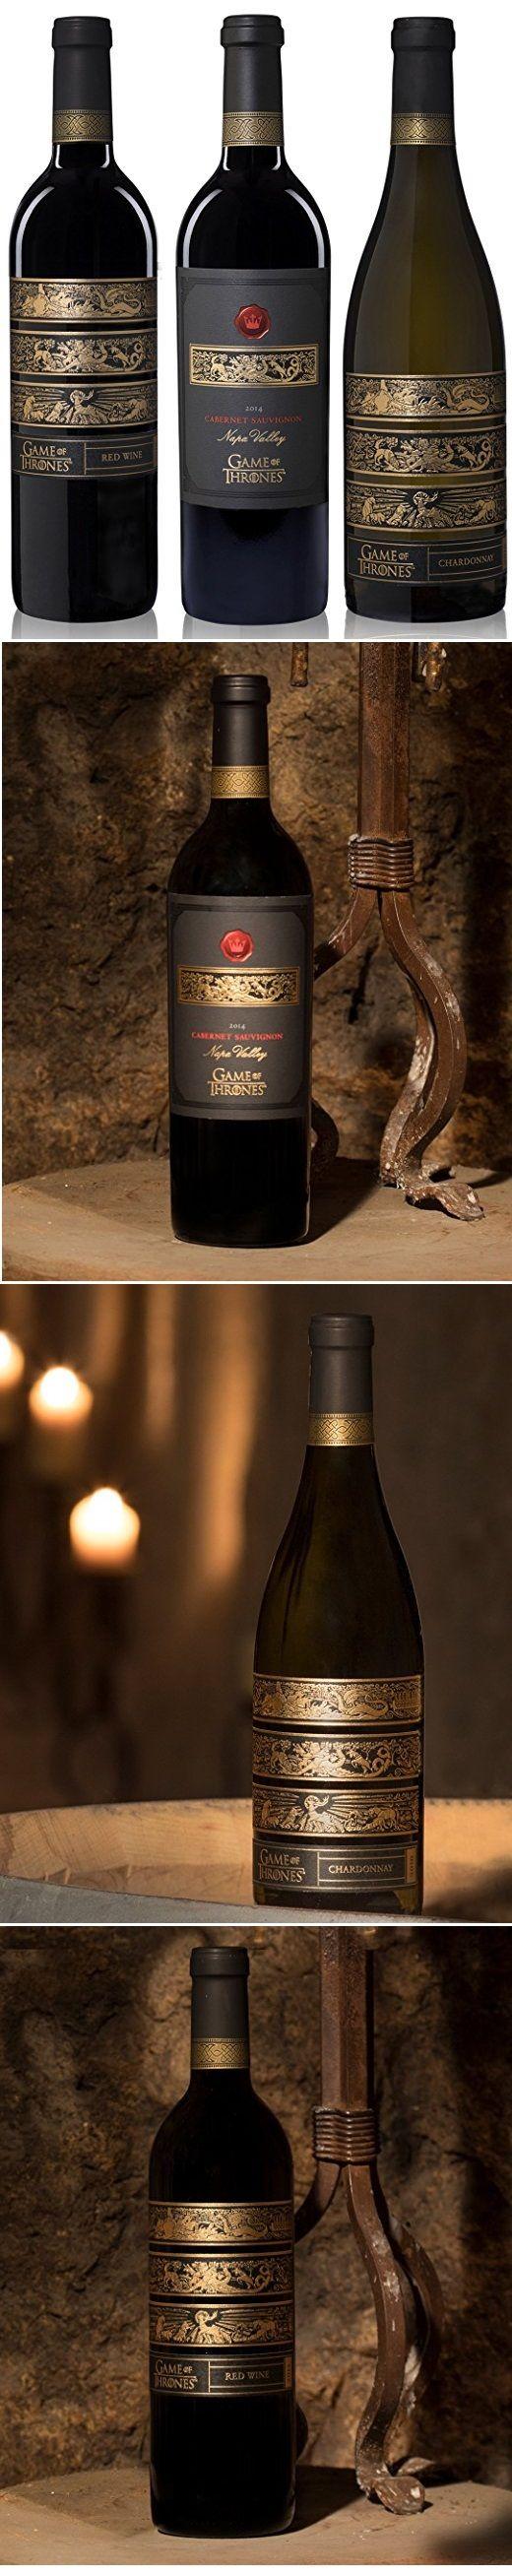 Game Of Thrones Wines | Craze Trend